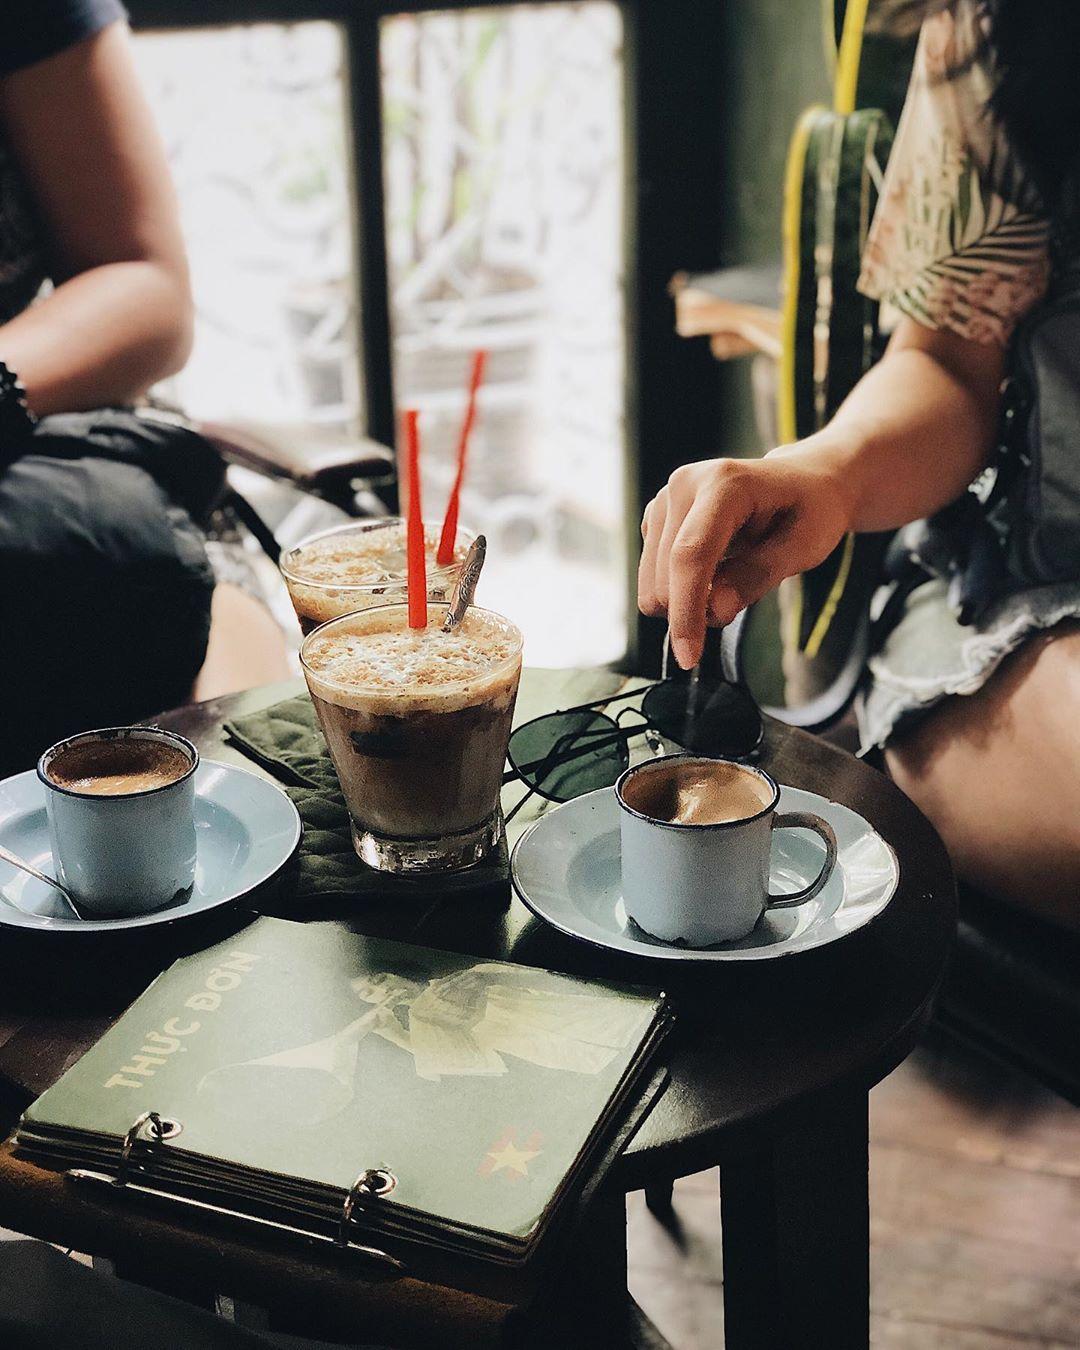 hanoi_nhung-quan-cafe-phong-cach-bao-cap-o-ha-noi-10